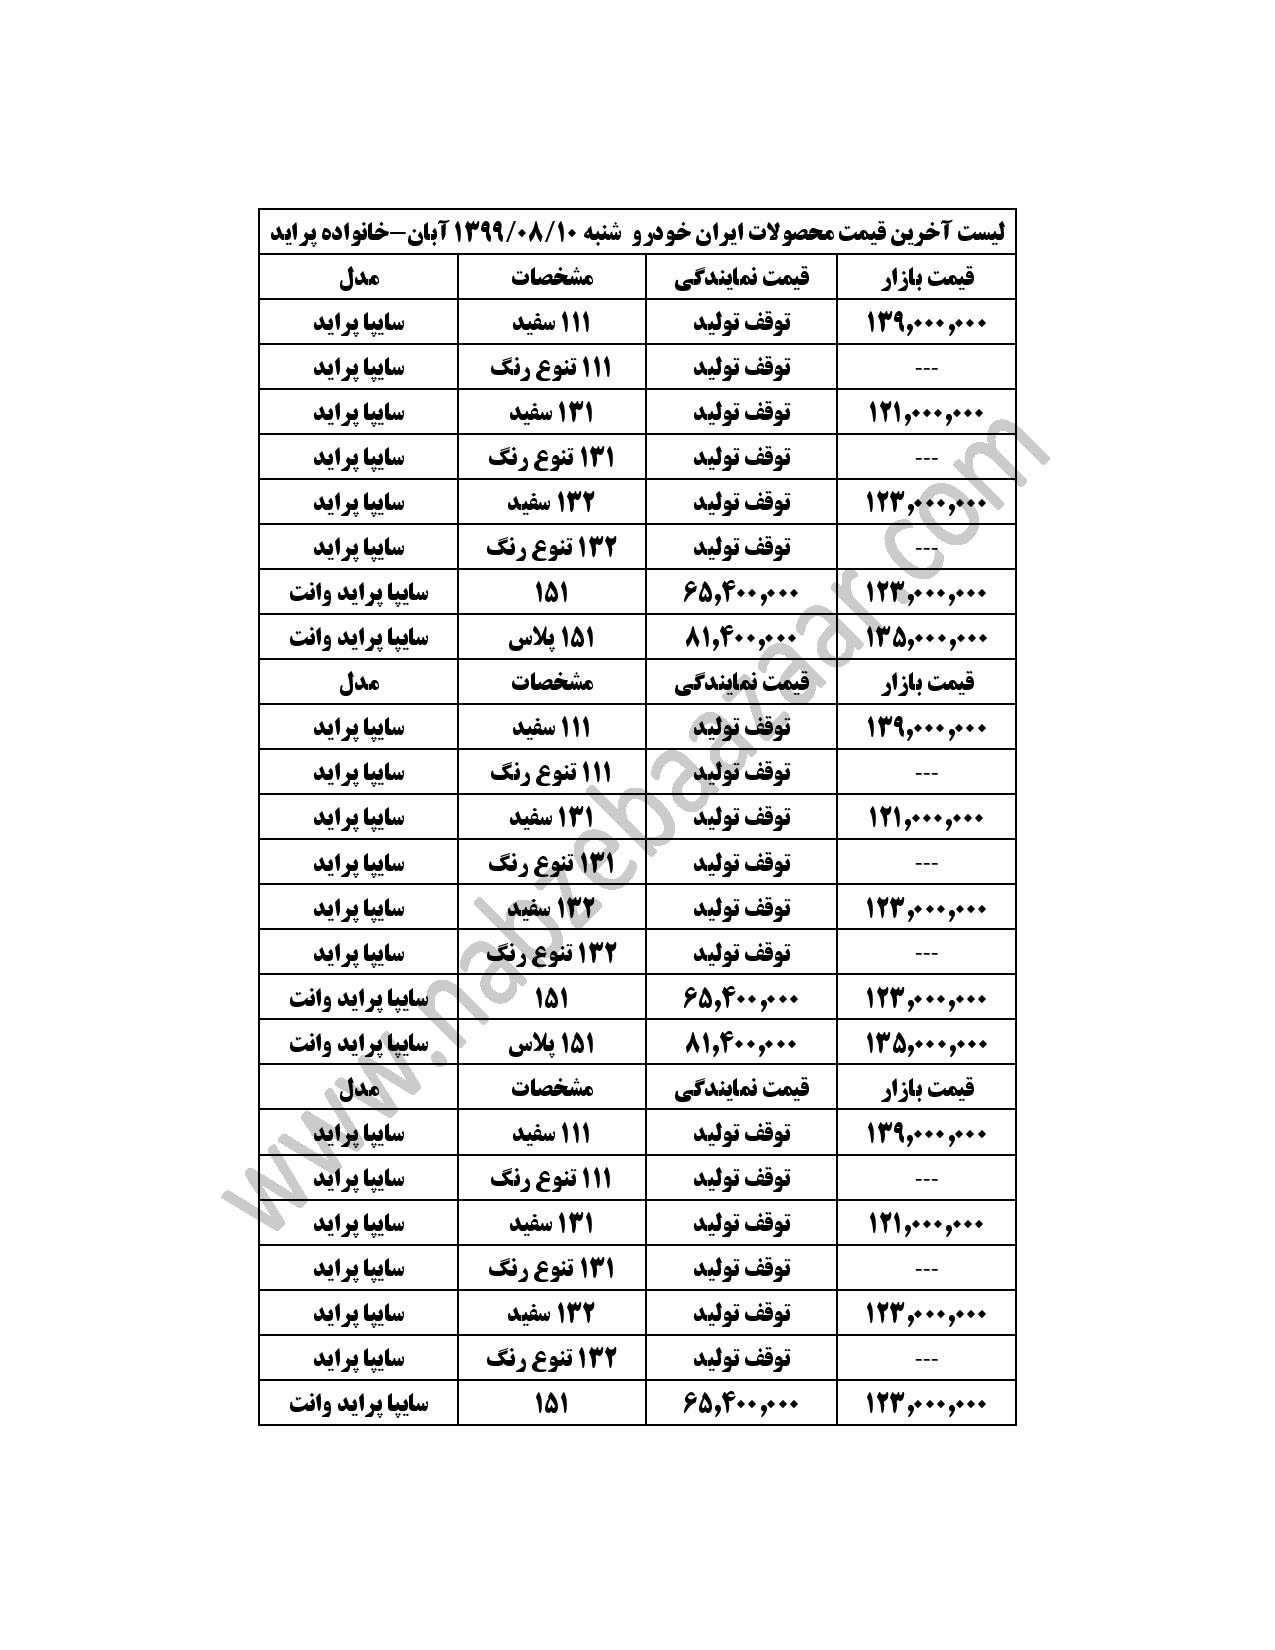 لیست آخرین قیمت تمامی محصولات ایران خودرو پراید در شنبه 1399/08/10